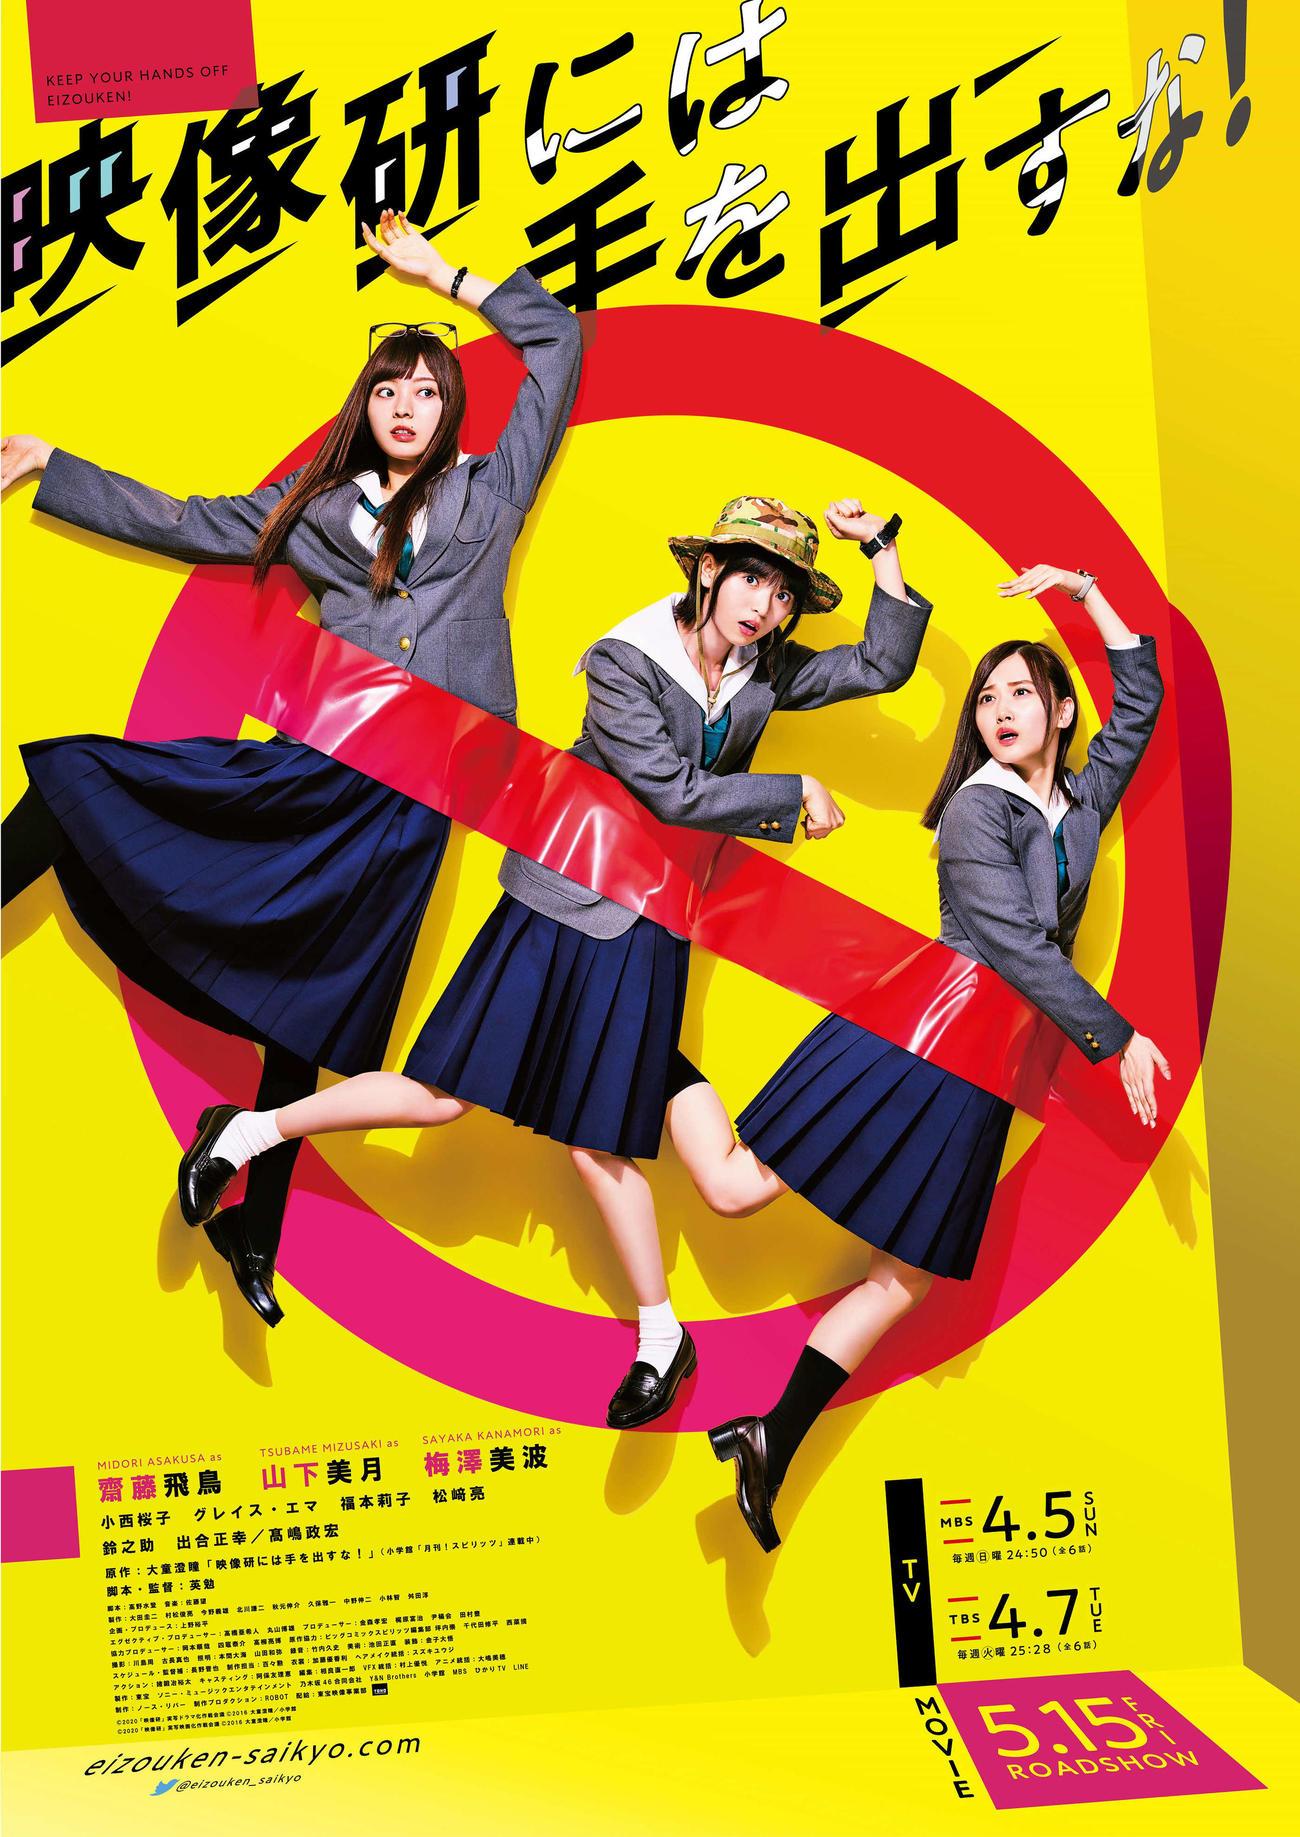 「映像研には手を出すな!」のポスタービジュアル。左から梅澤美波、齋藤飛鳥、山下美月